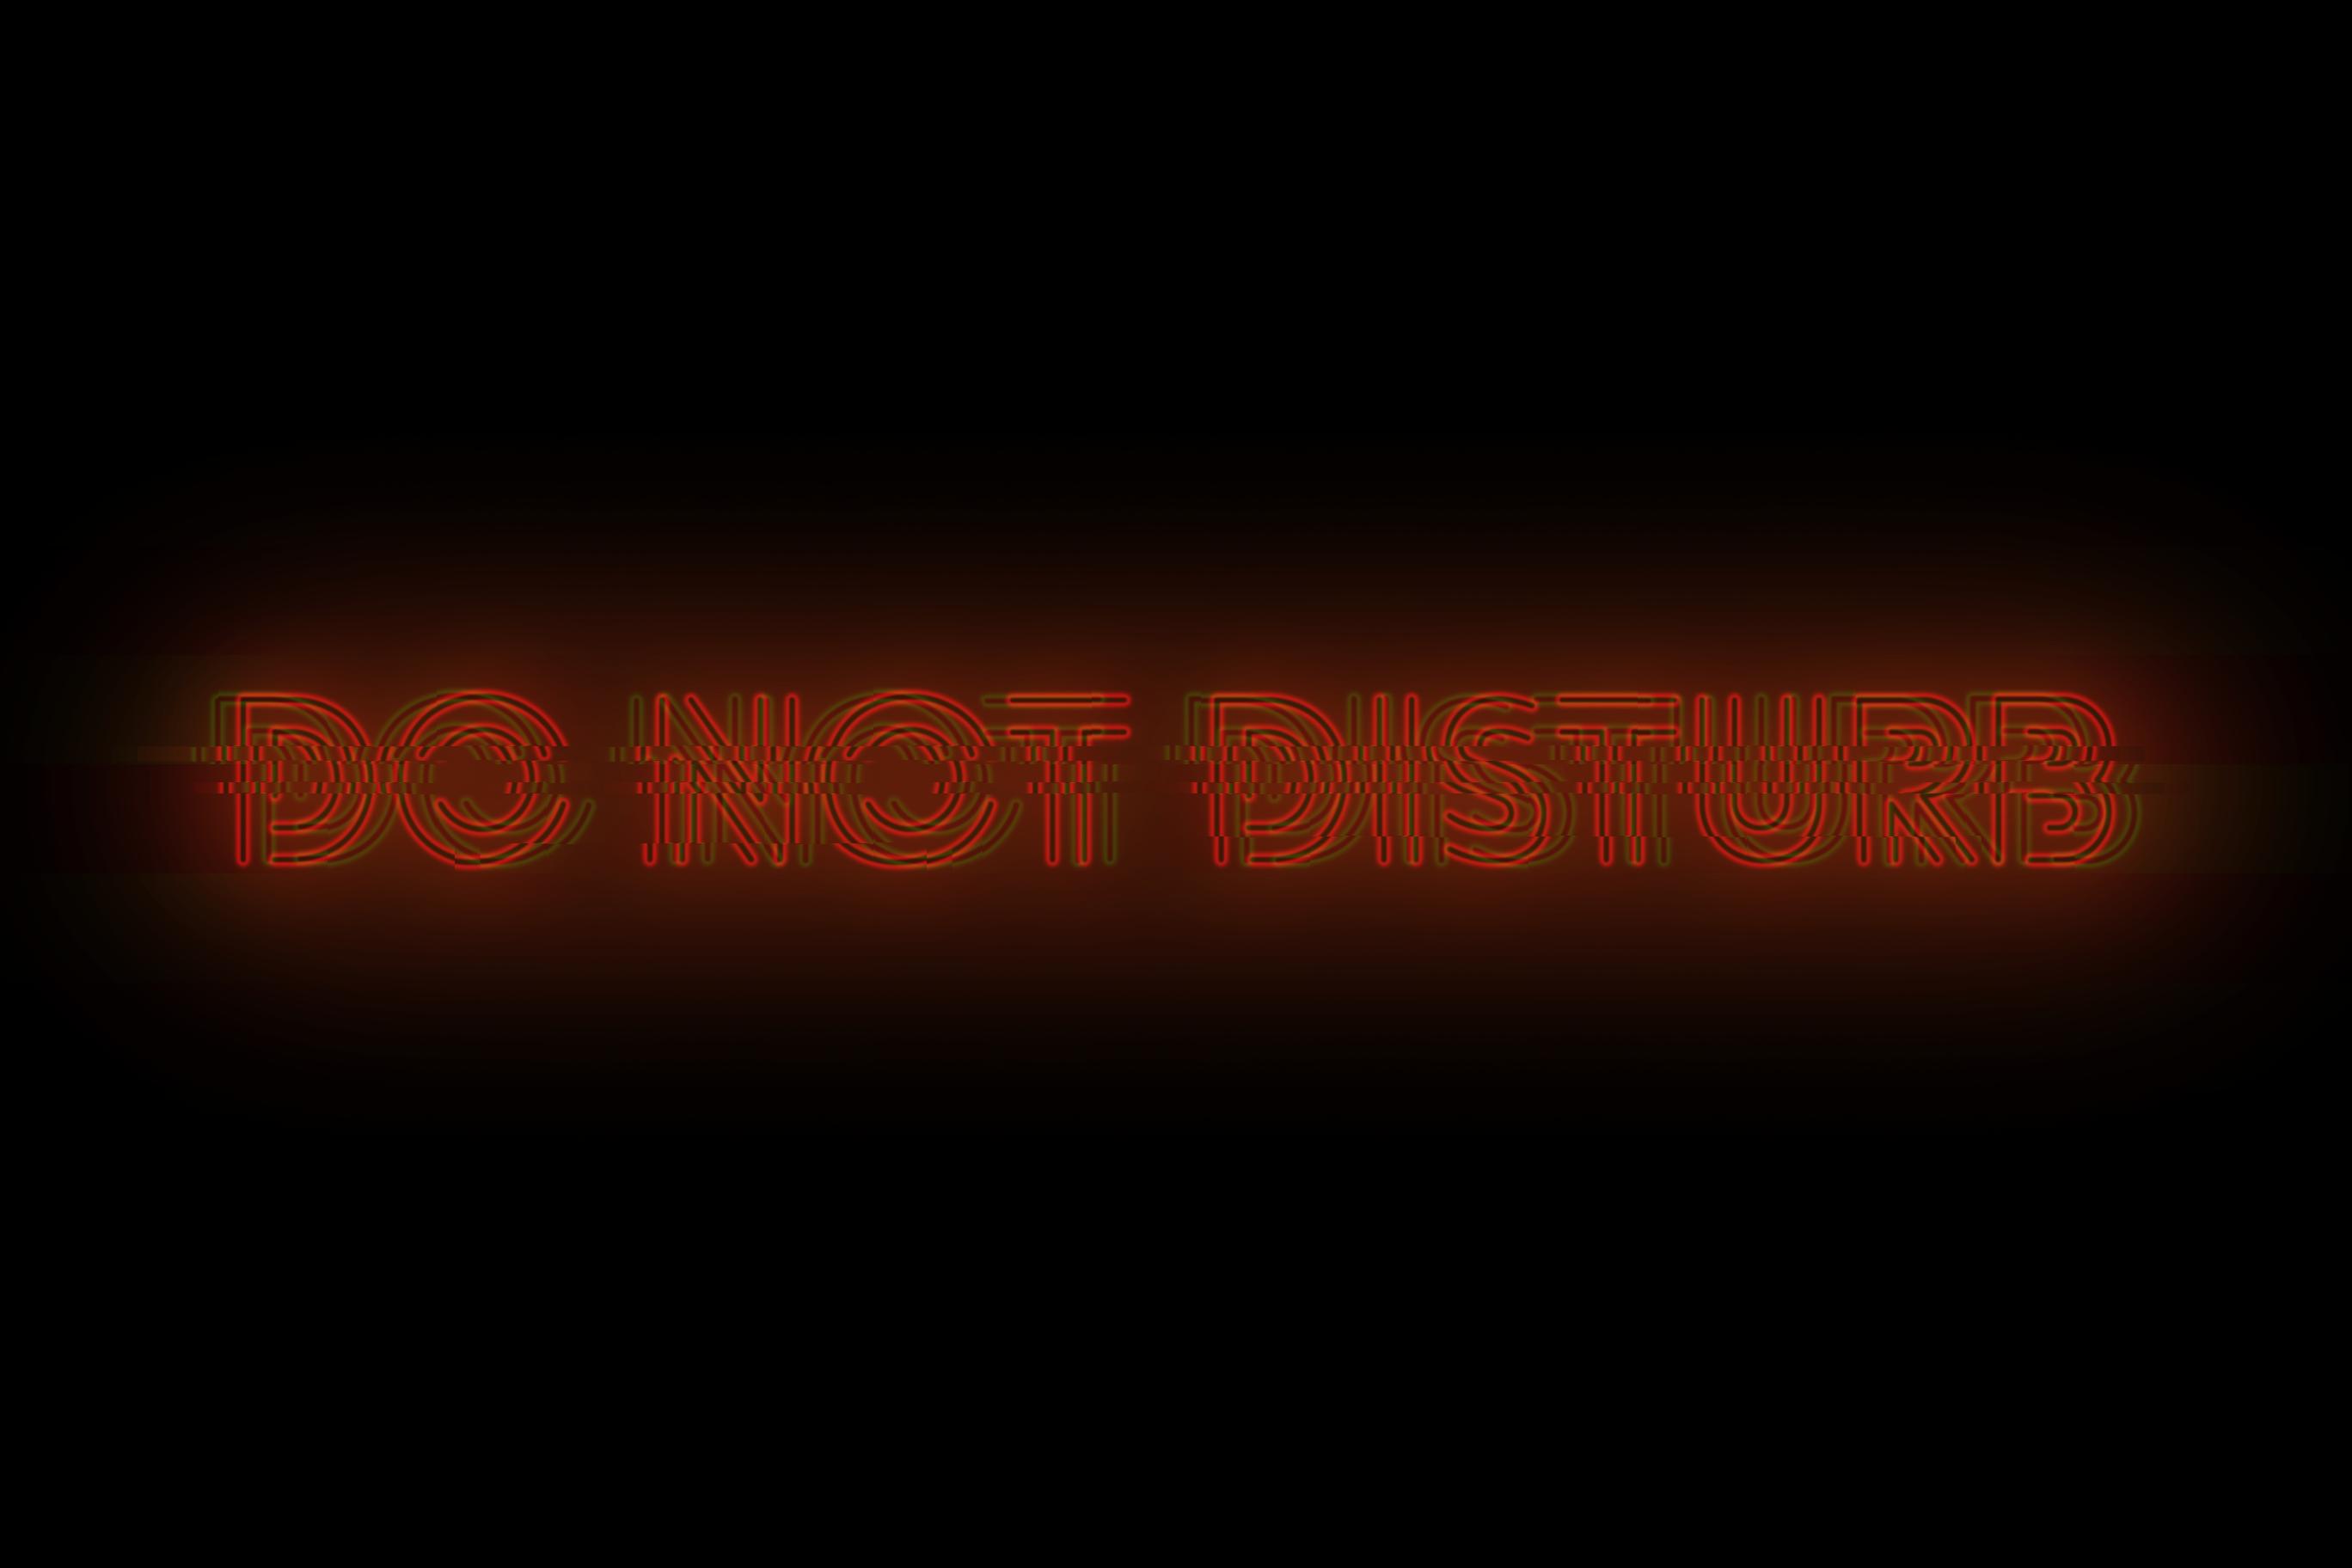 Do Not Disturb [oc] [2736x1824] - Darkness , HD Wallpaper & Backgrounds